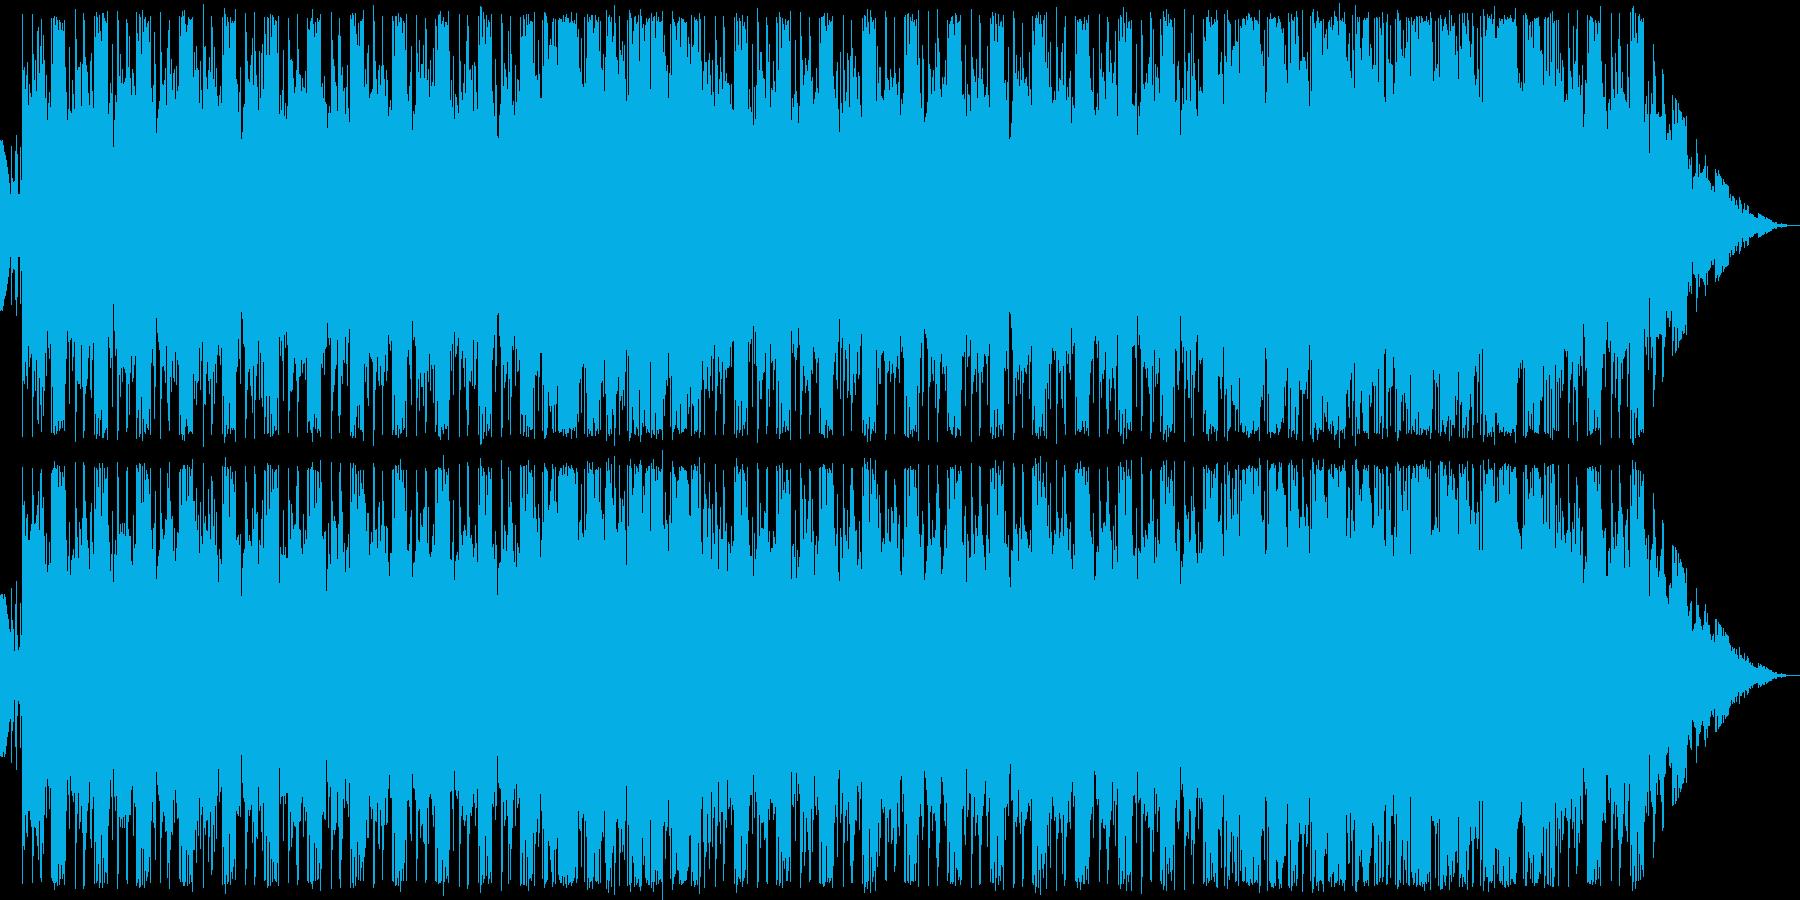 悪博士研究所の曲。の再生済みの波形